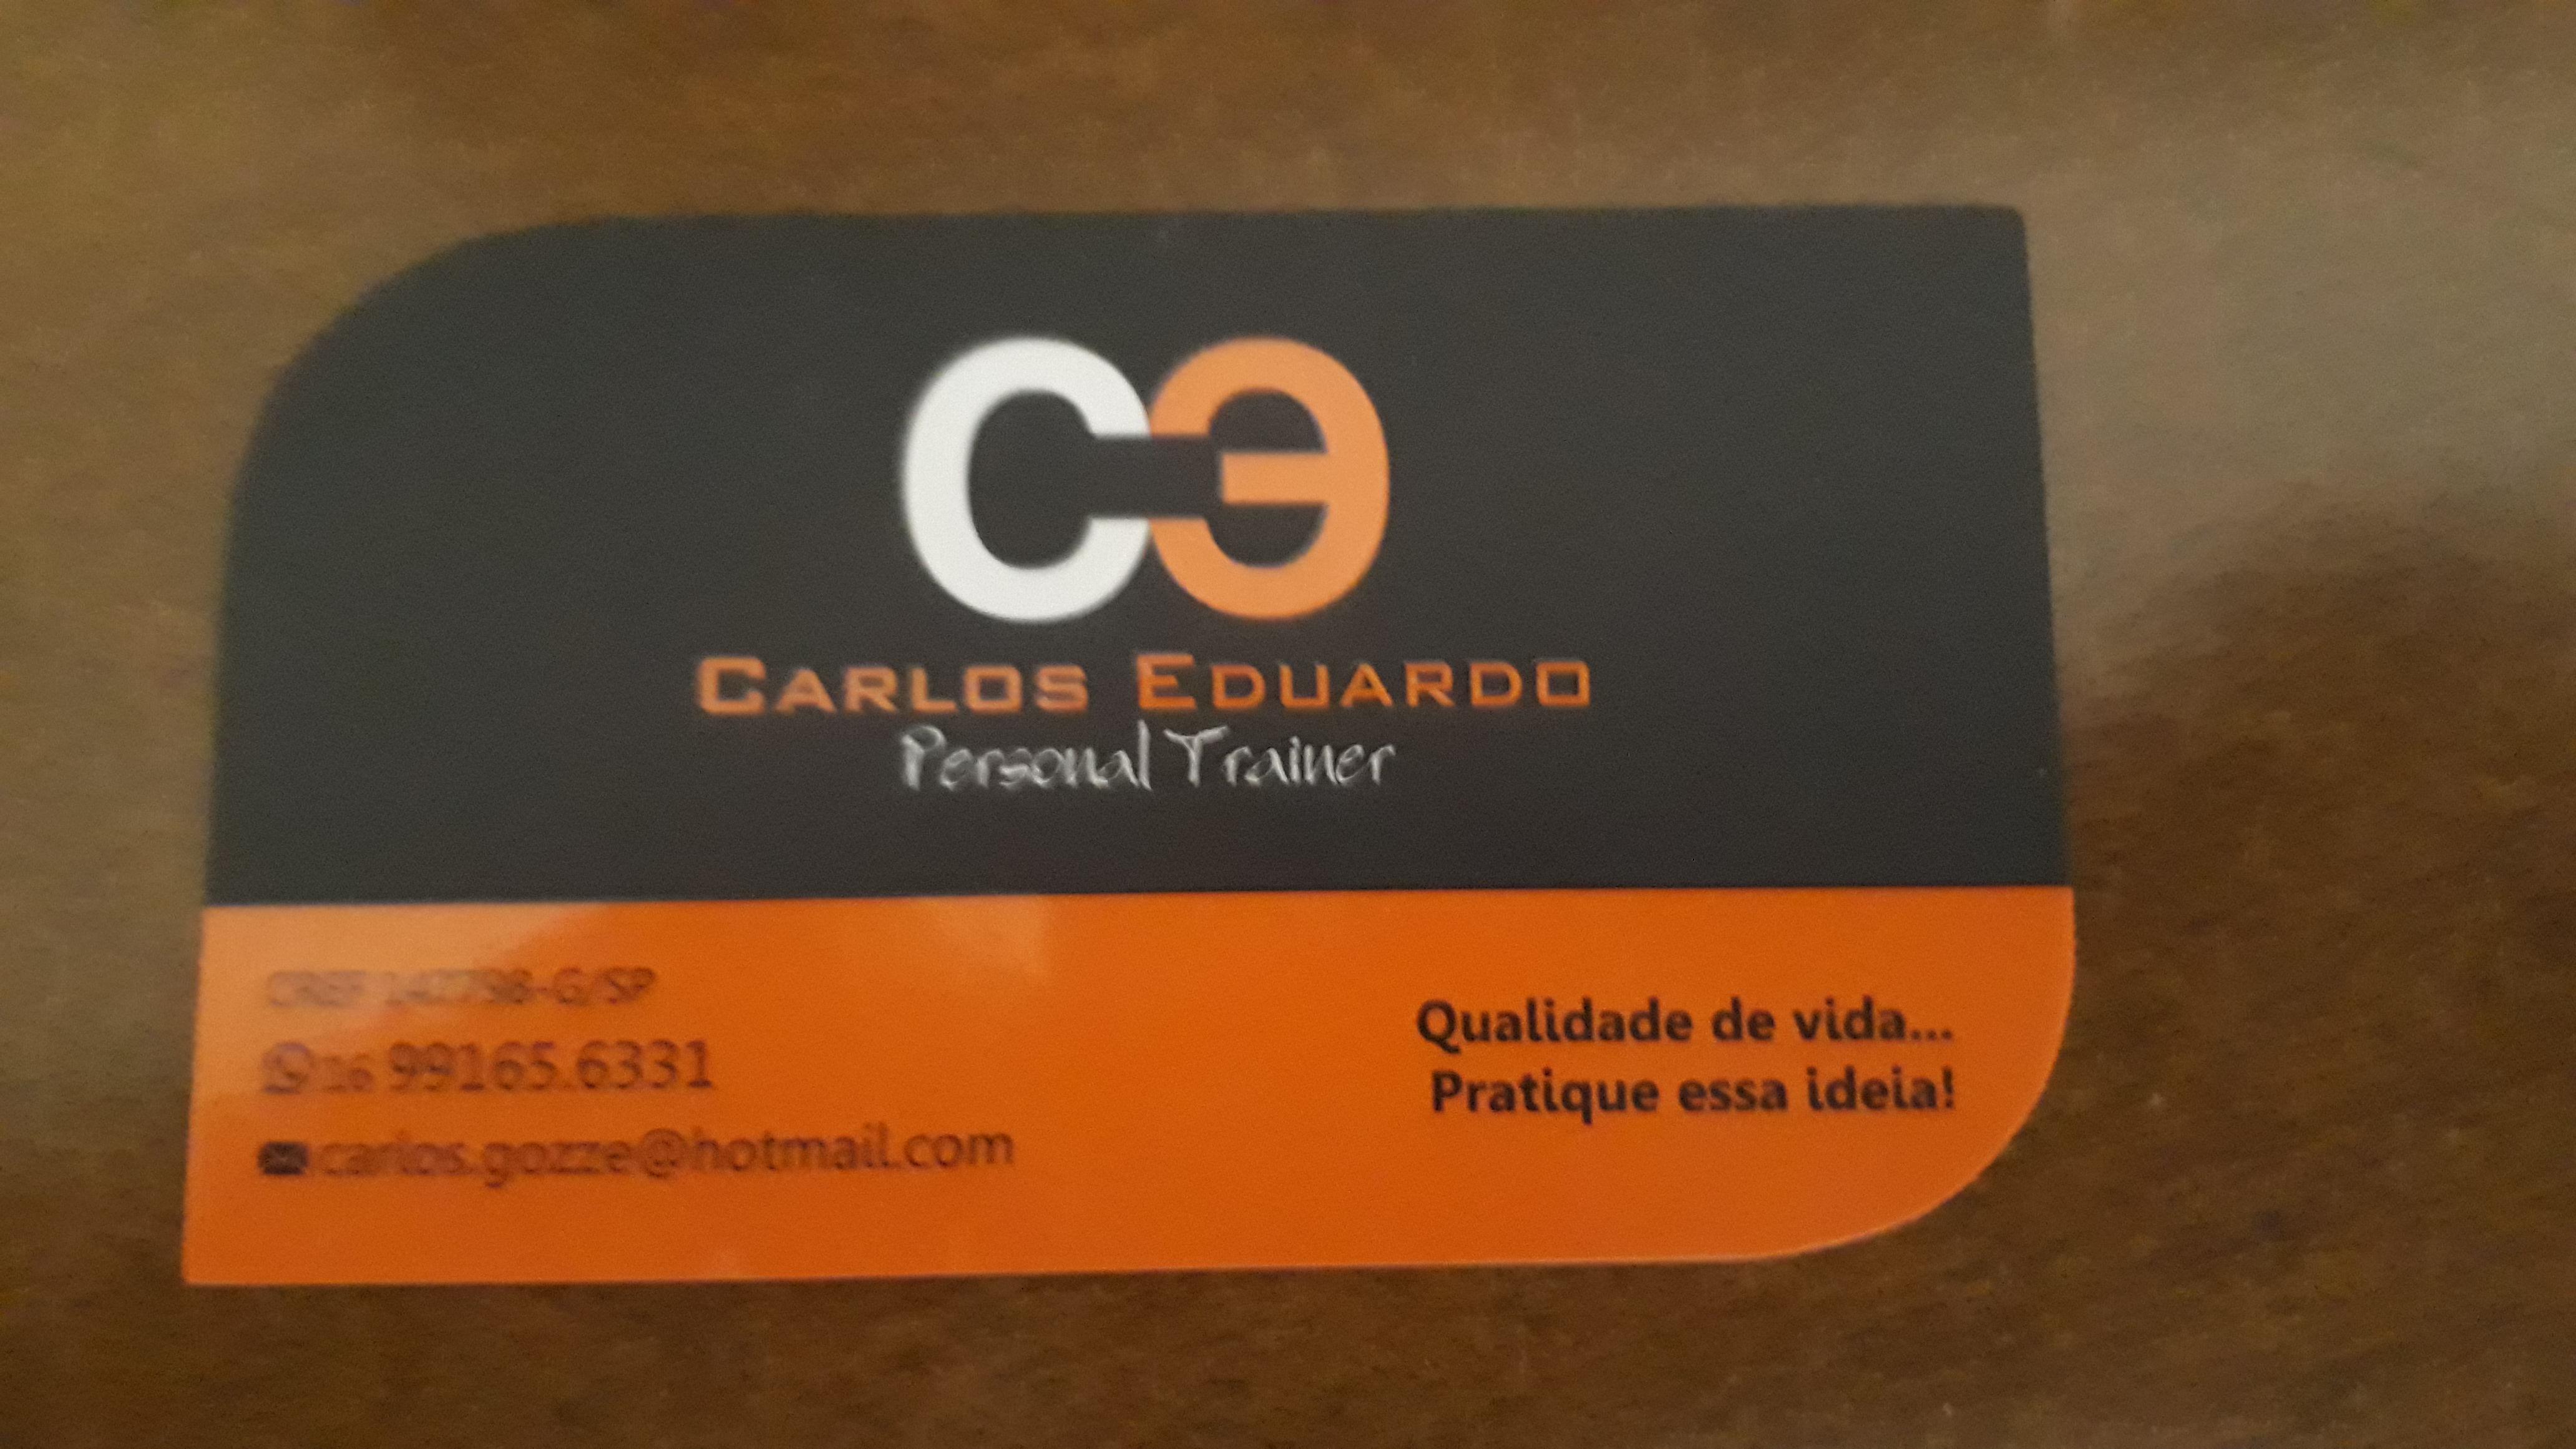 Personal Trainer Carlos Eduardo Gozze Junior